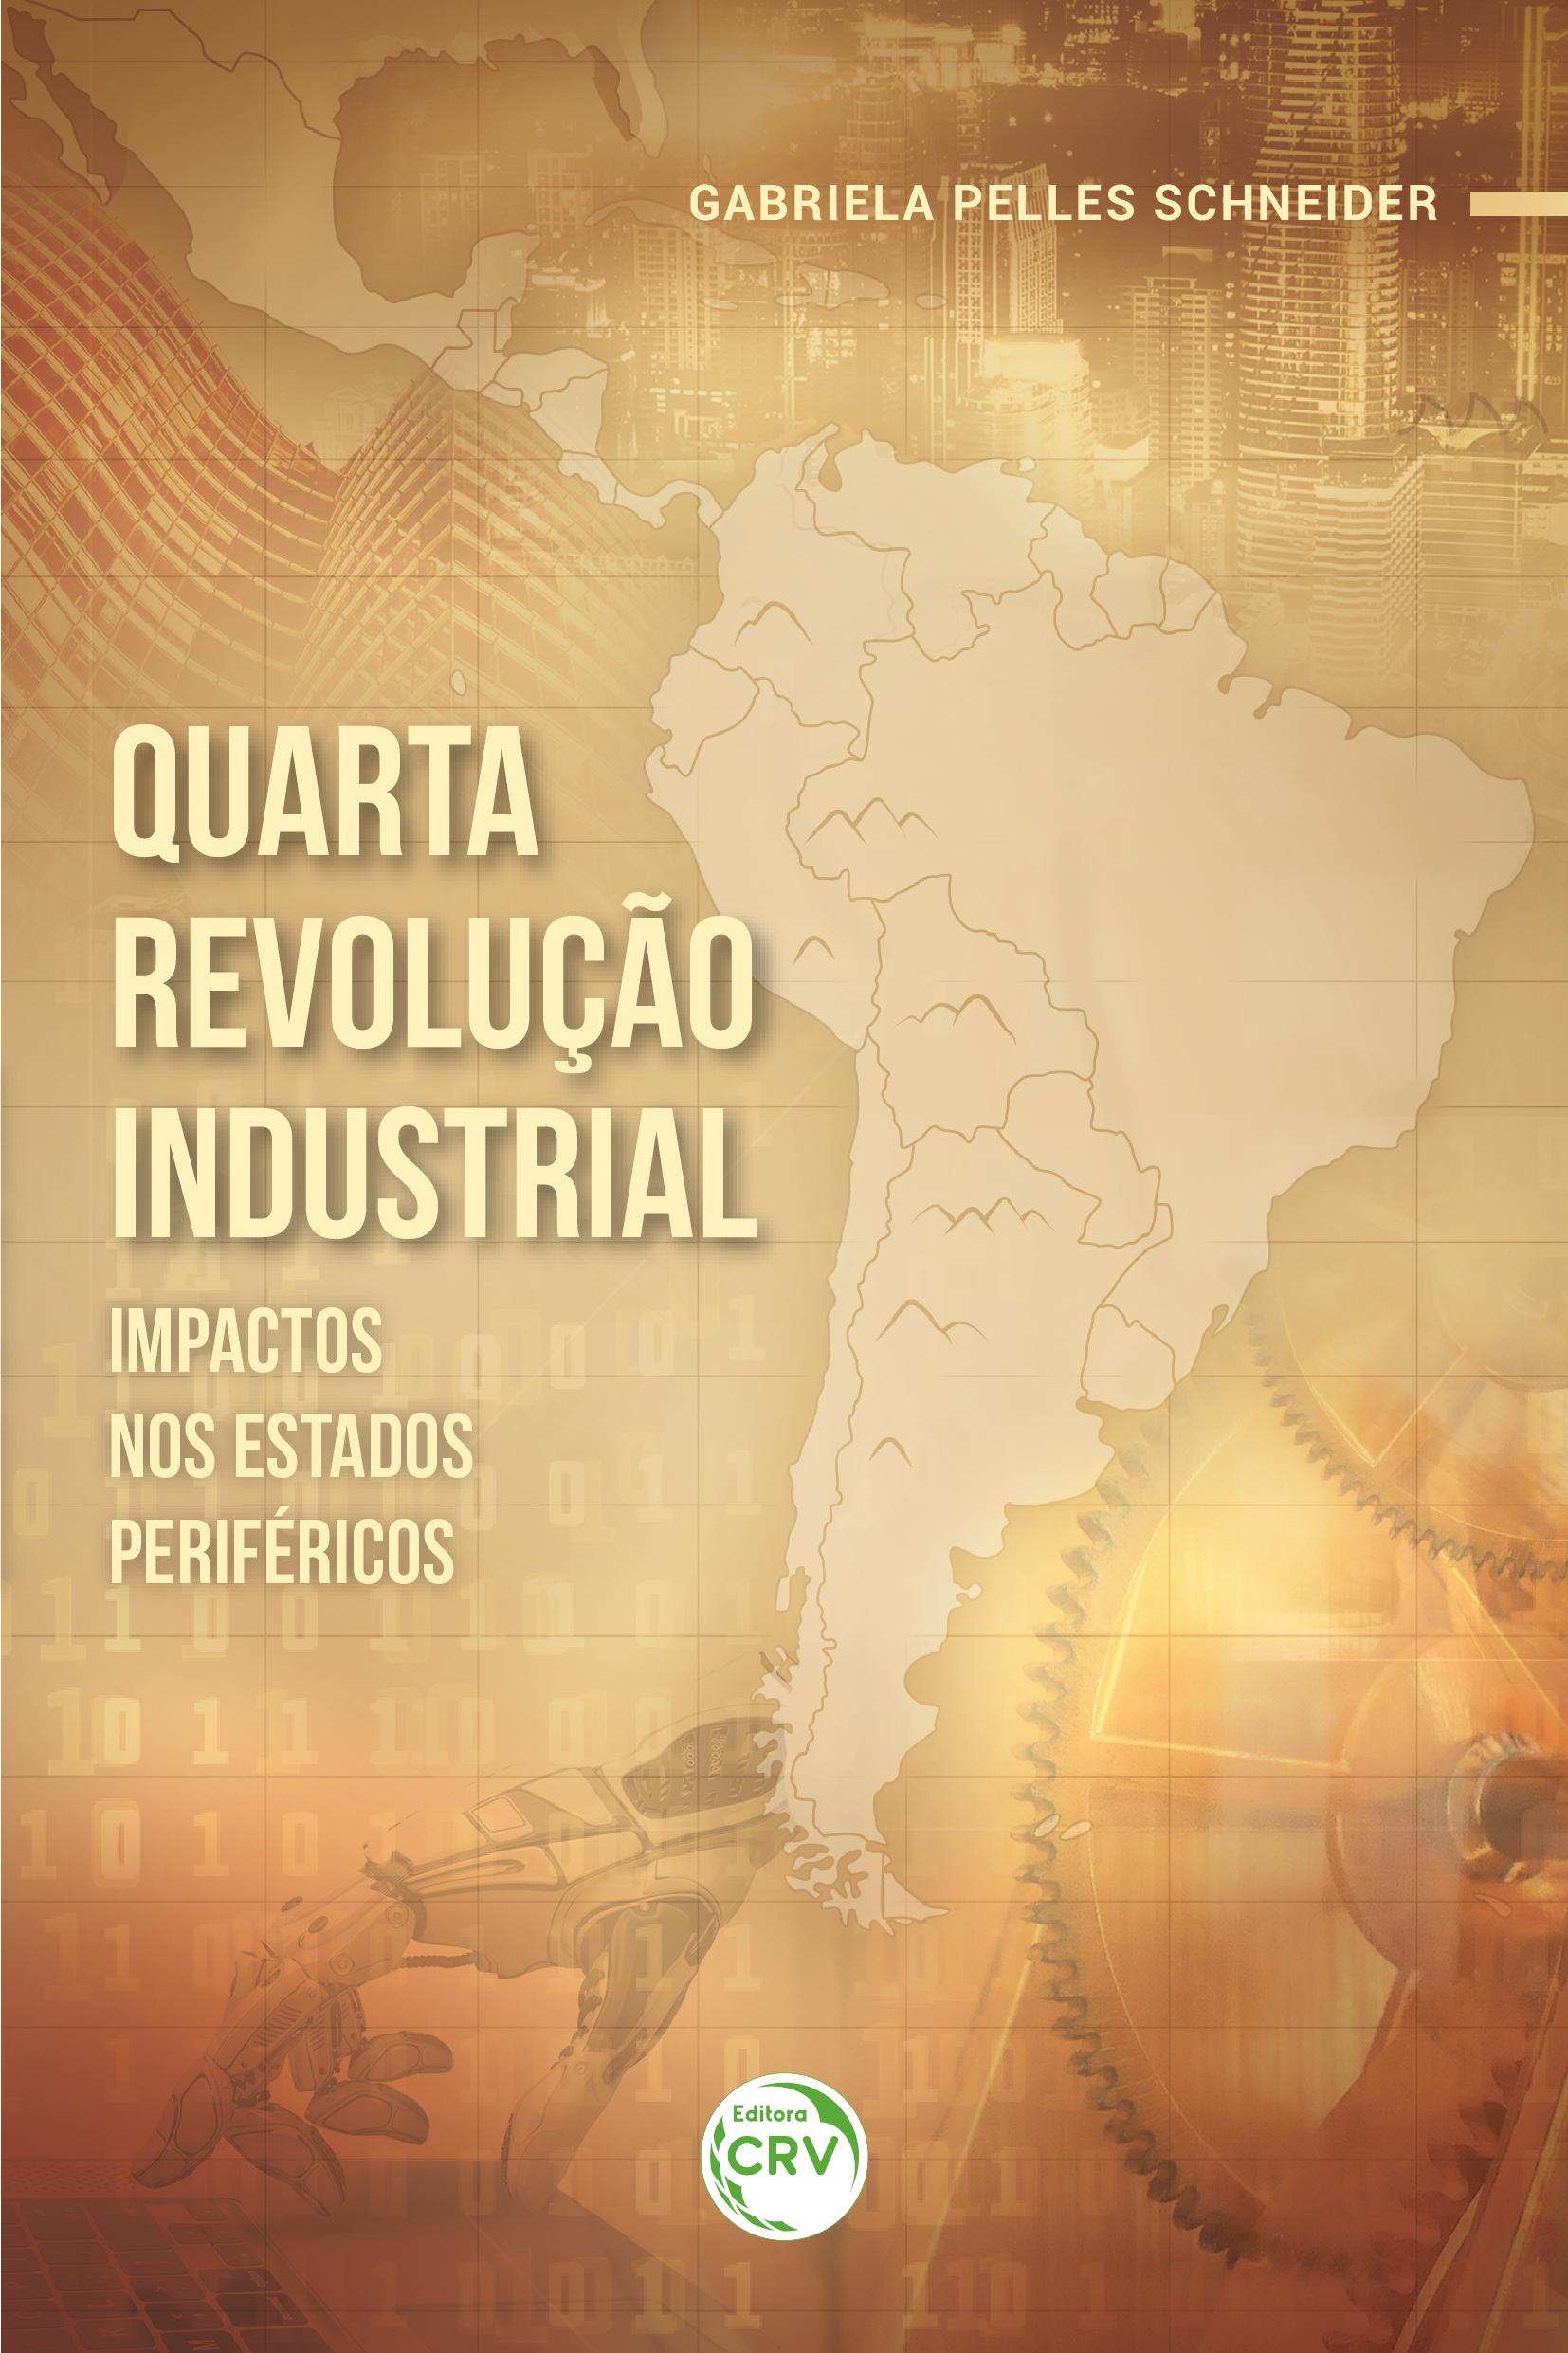 Capa do livro: Quarta revolução industrial: <br>impactos nos Estados periféricos